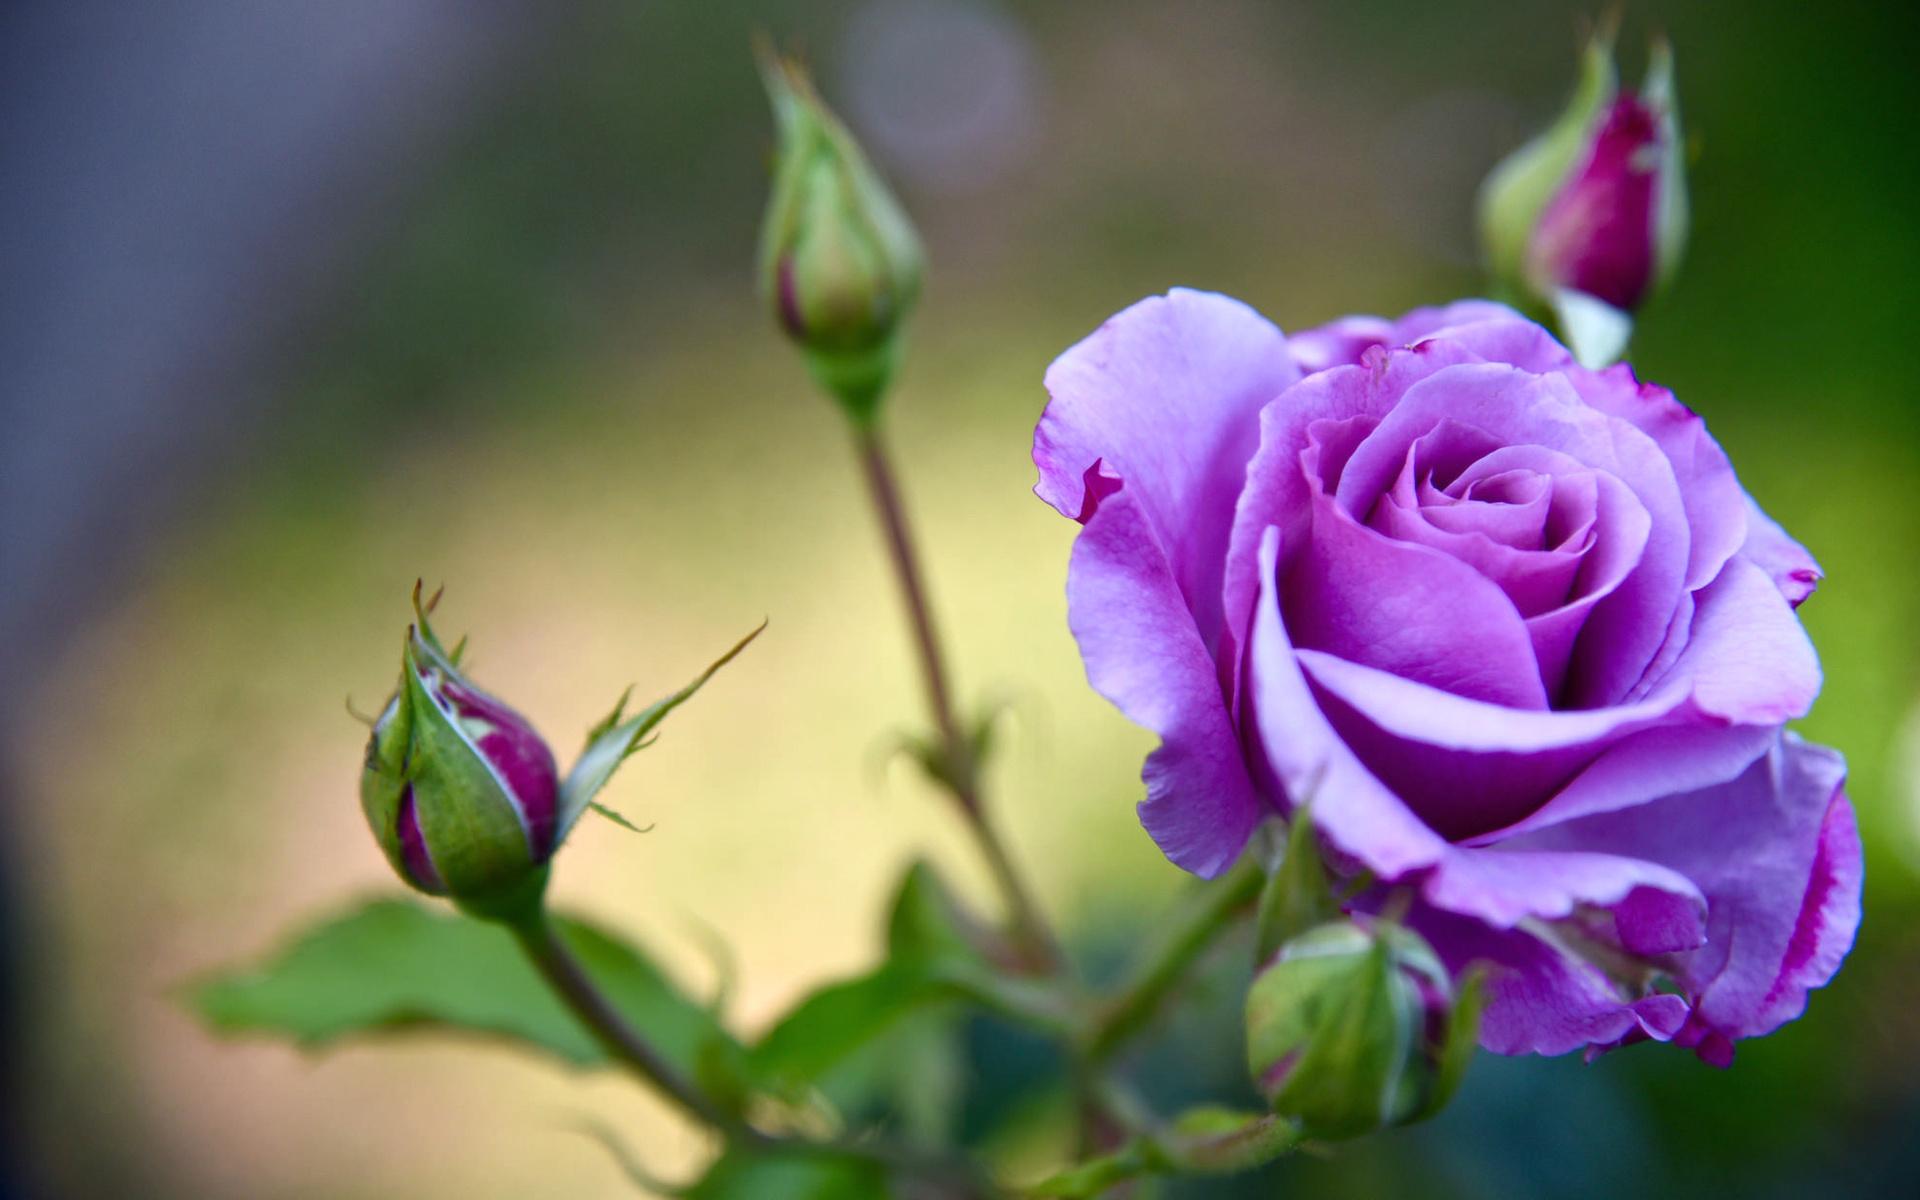 высокие картинки на телефон розы хотите загрузить изображение